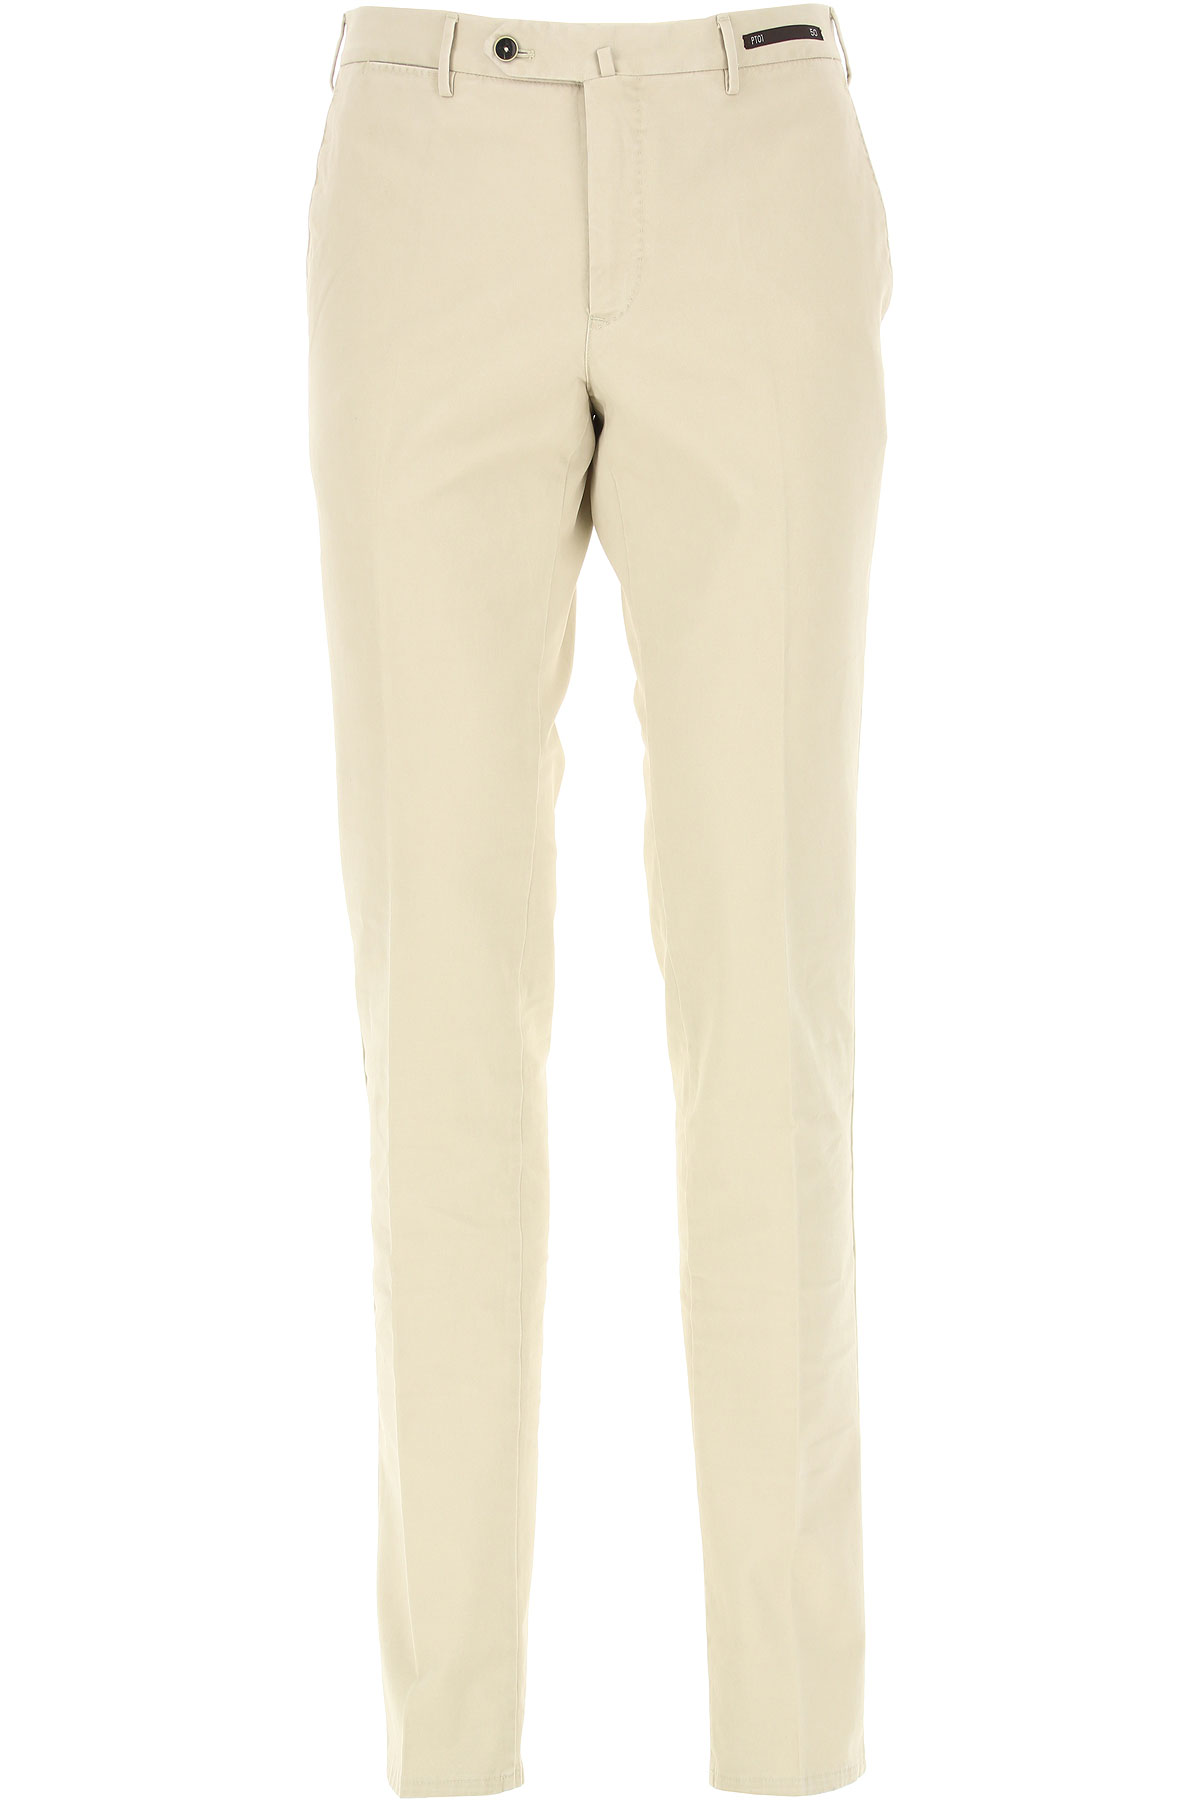 PT01 Pants for Men On Sale, Beige, Cotton, 2019, 30 32 34 36 38